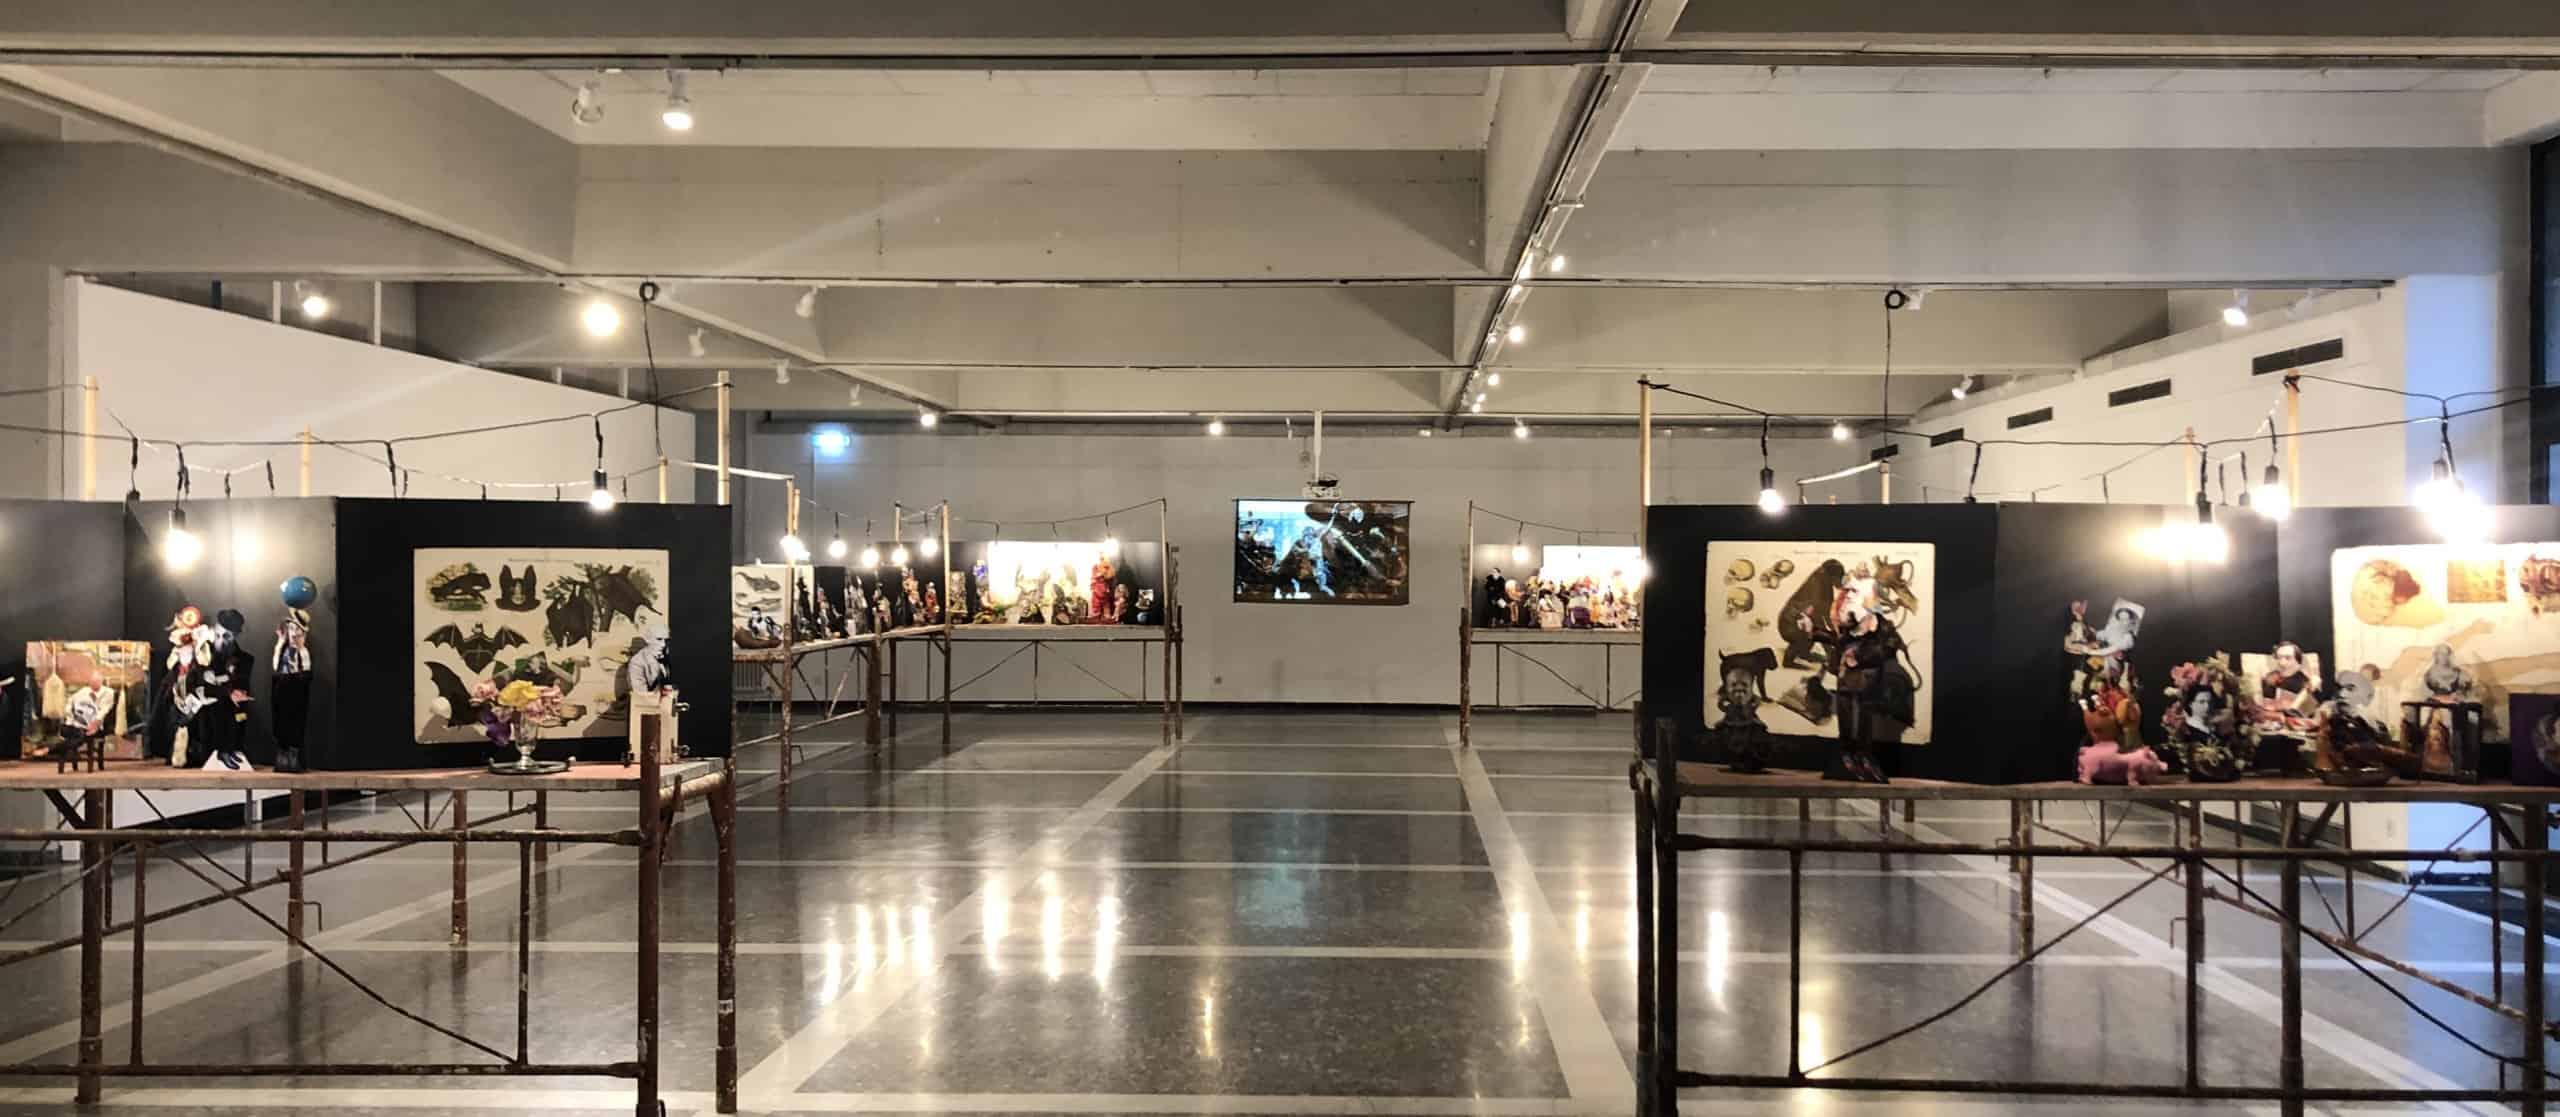 Alpen Adria Galerie in der Landeshauptstadt Klagenfurt am Wörthersee in Kärnten - Sehenswert in Österreich